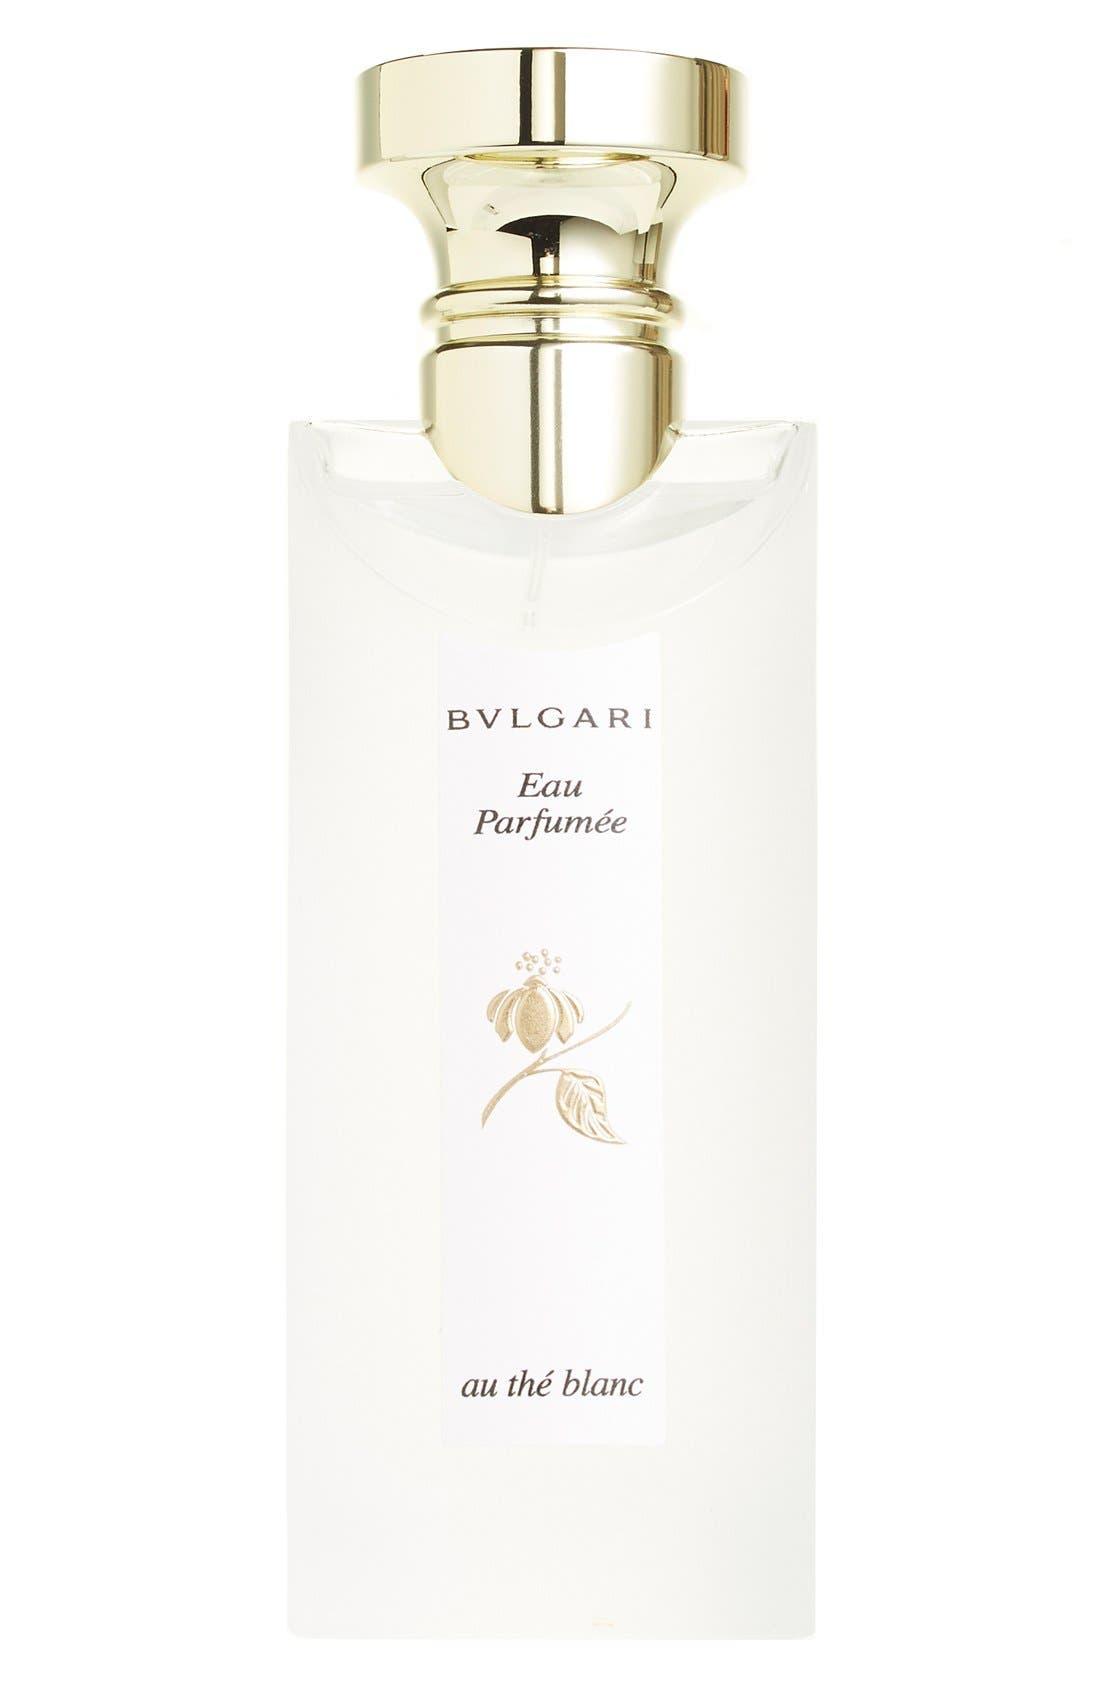 BVLGARI 'Eau Parfumée au thé blanc' Eau de Cologne Spray